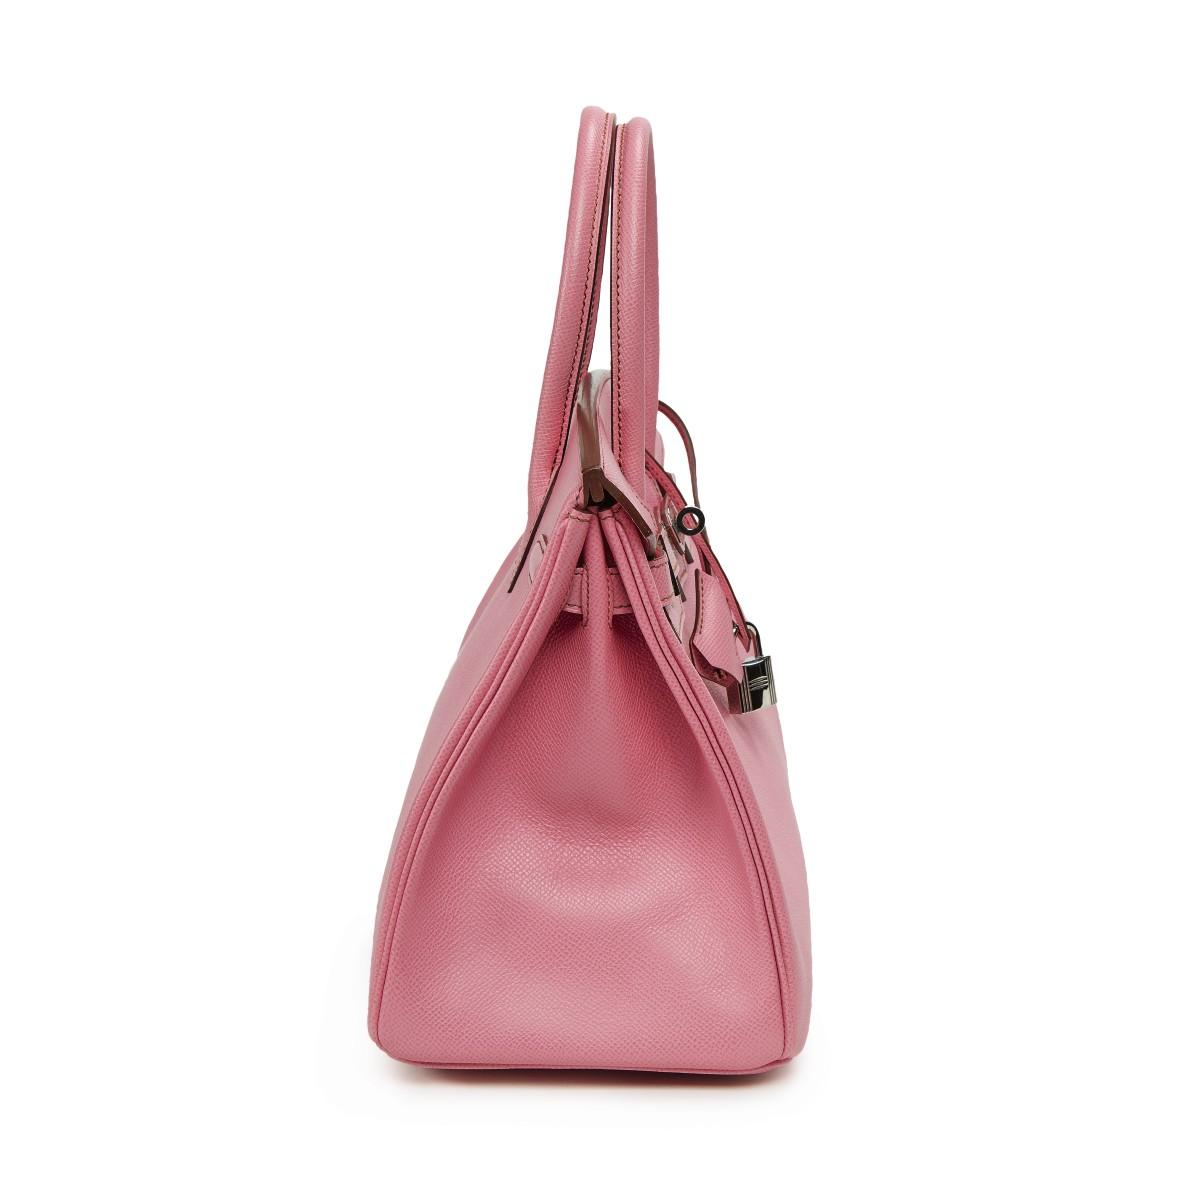 bubblegum-5p-epsom-birkin-30cm-palladium-hardware-03bb